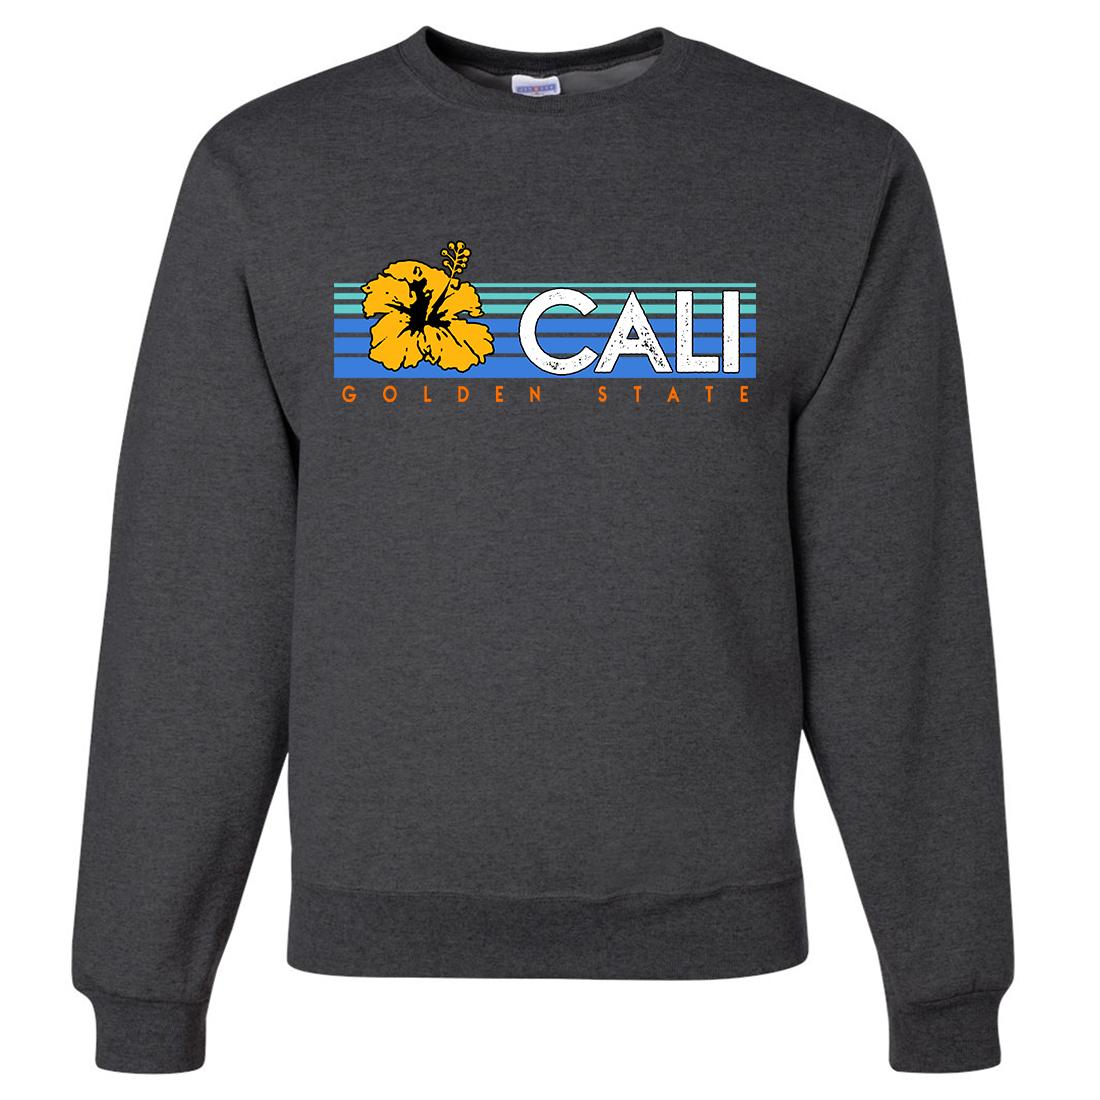 Cali Golden State Hibiscus Crewneck Sweatshirt Crew neck